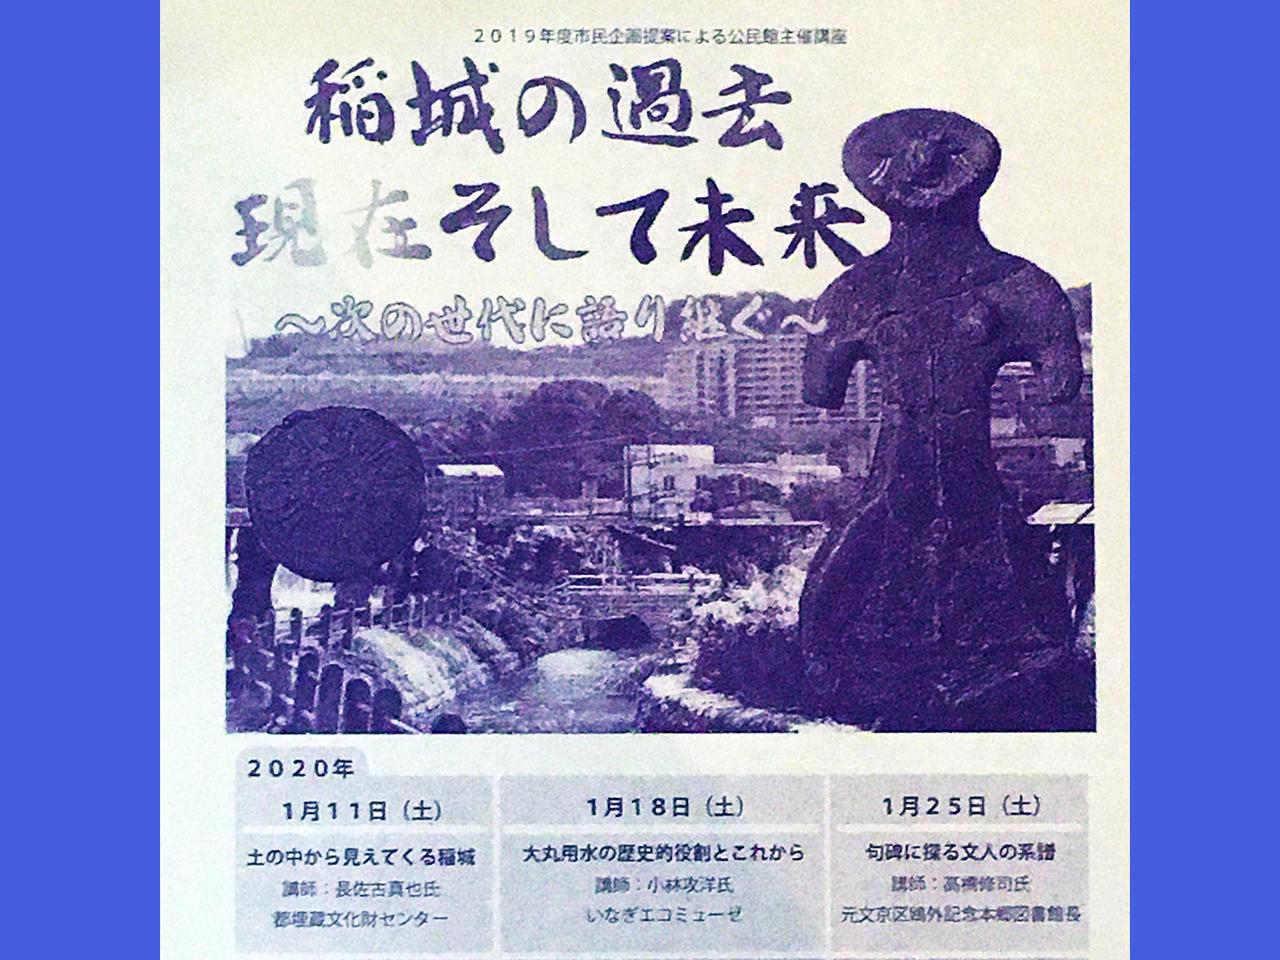 稲城の過去そして未来